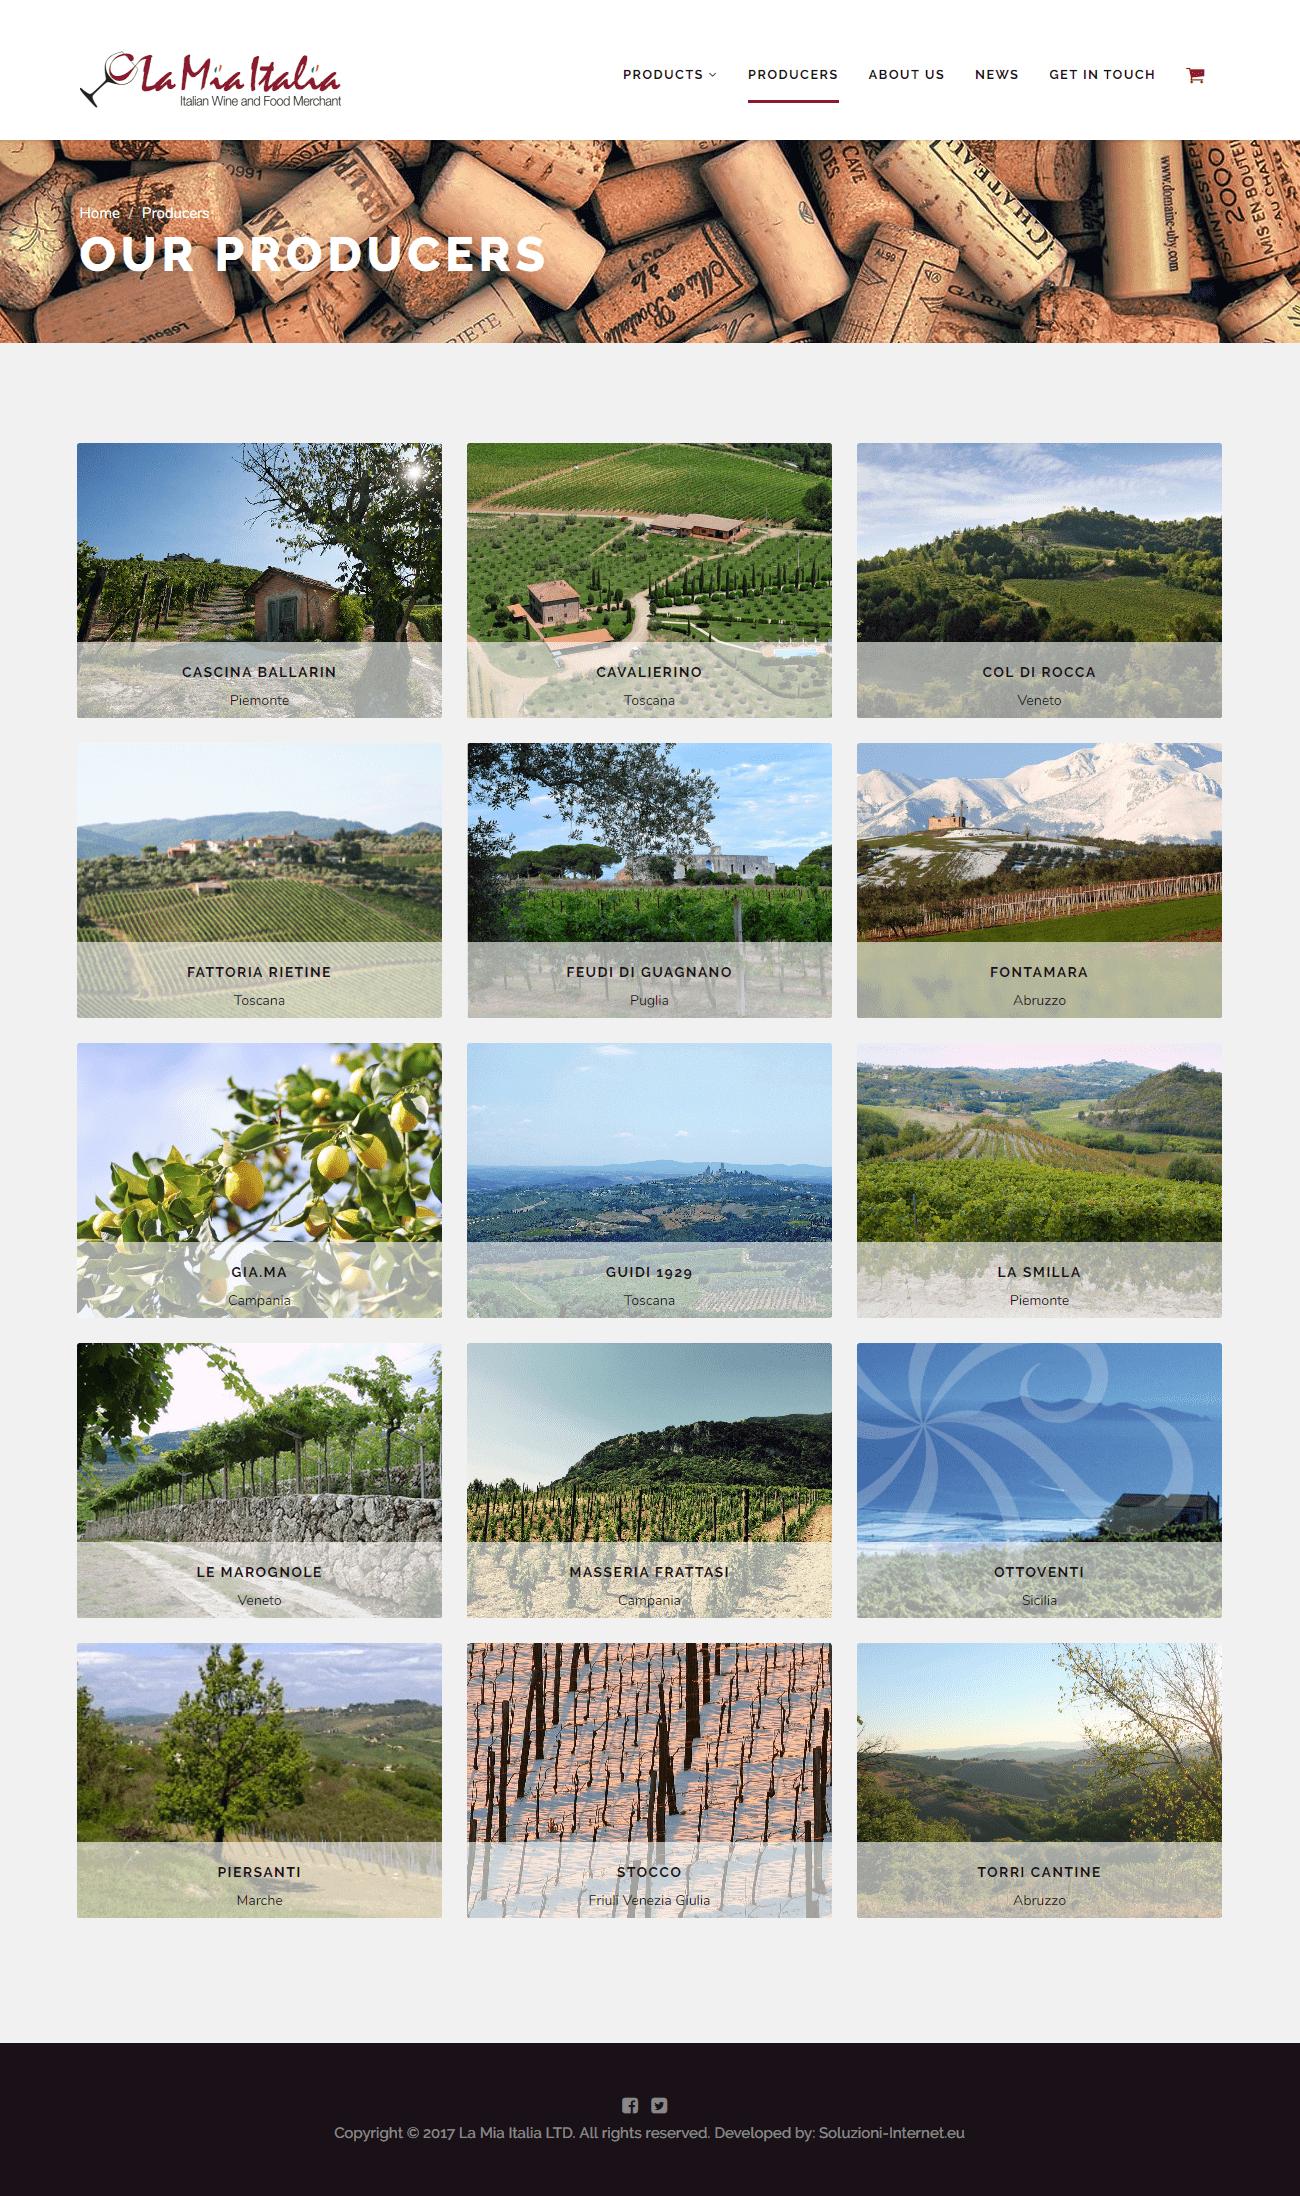 La Mia Italia - Pagina Producers